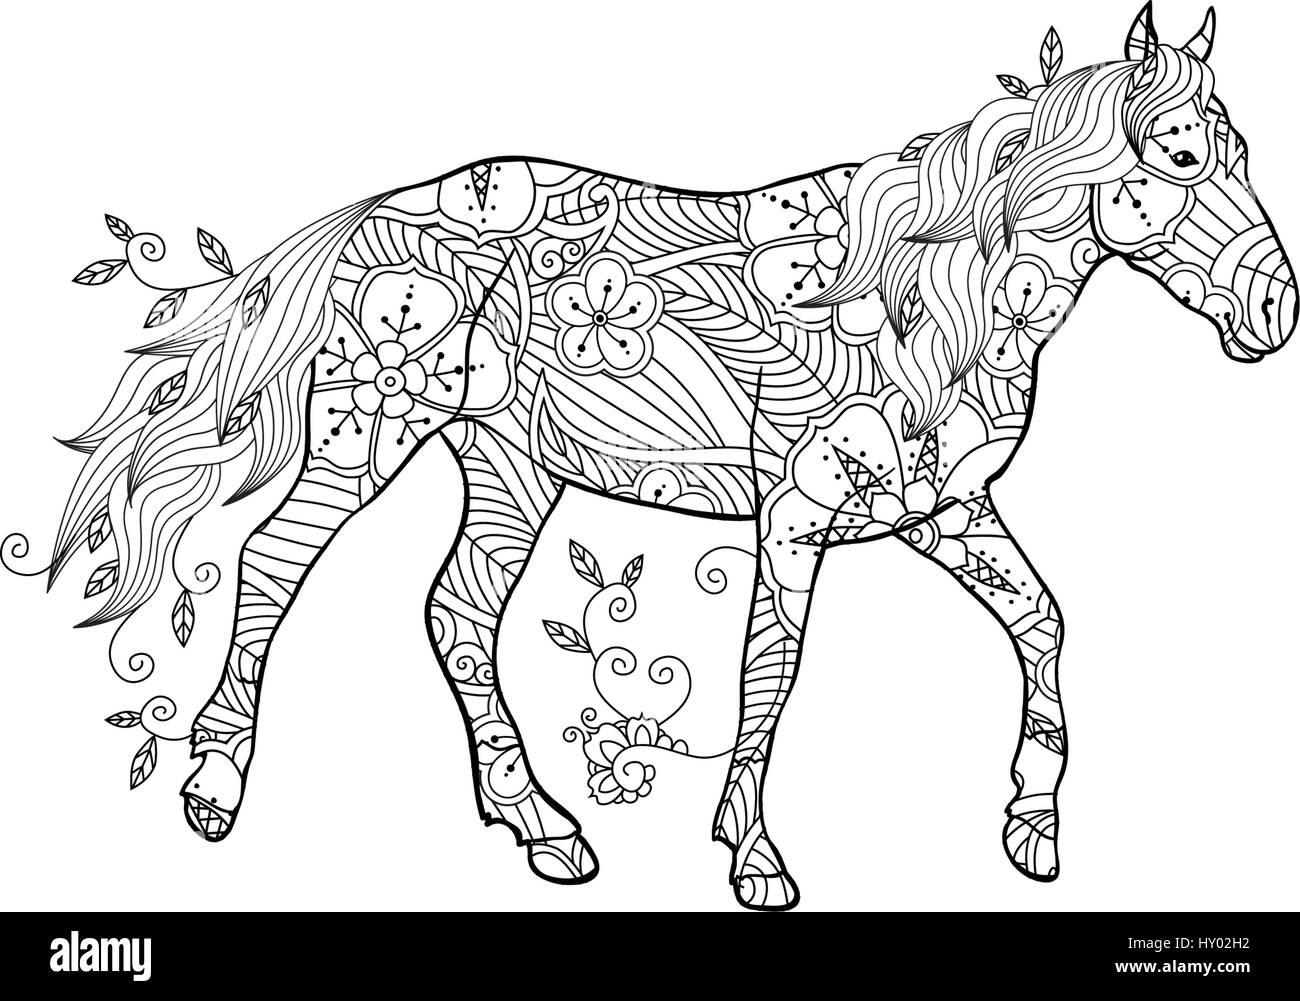 Malvorlagen in Zentangle inspirierten Stil. Laufenden Pferd ...